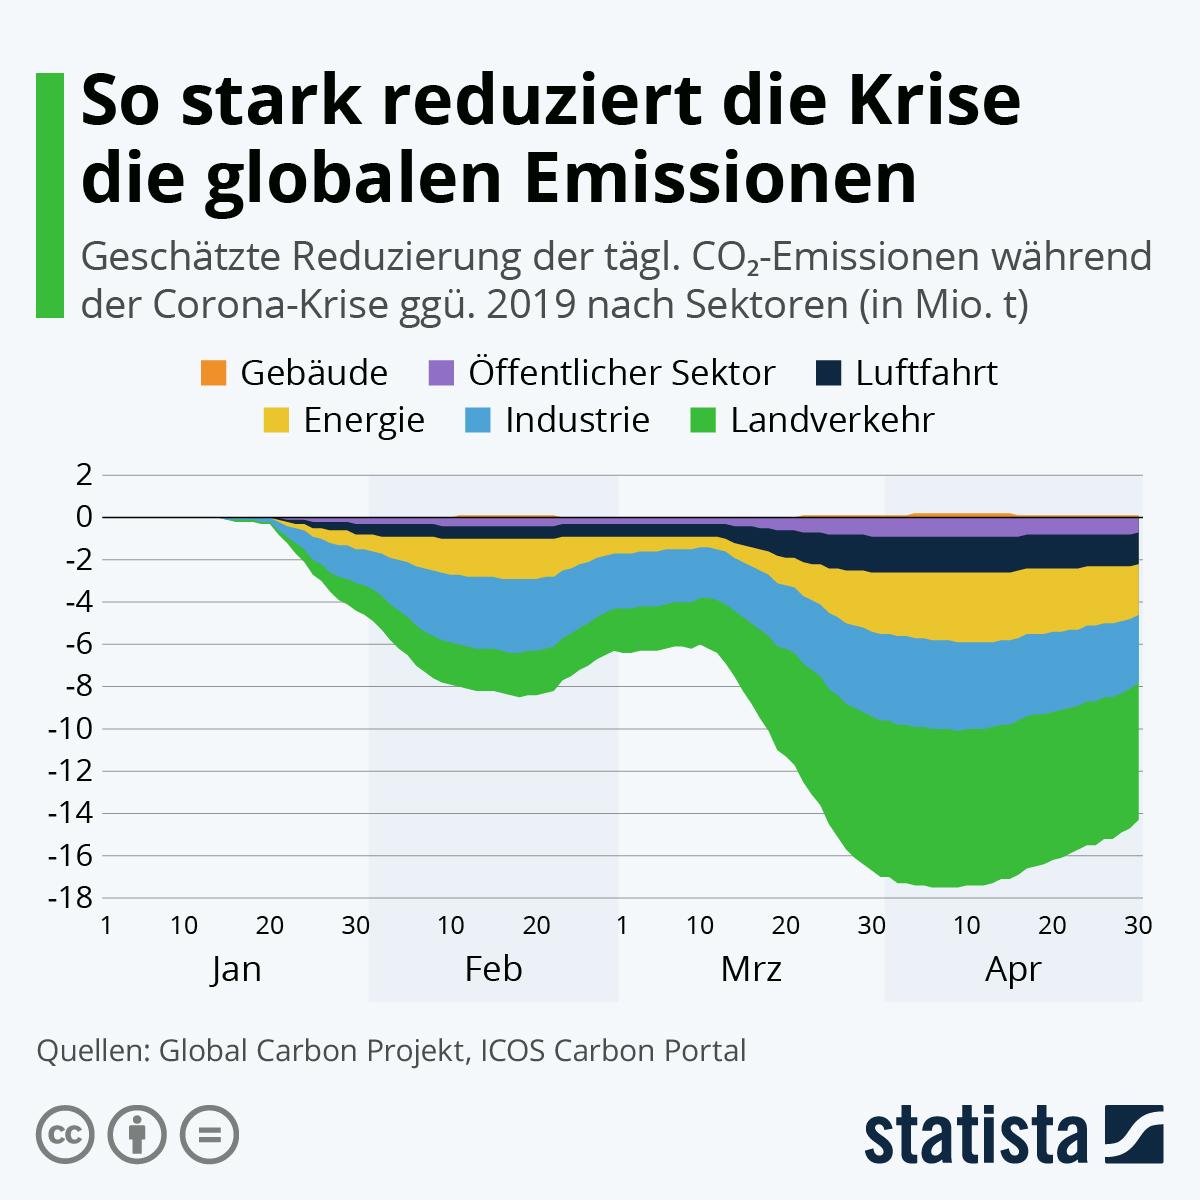 So stark reduziert die Krise die globalen Emissionen | Statista